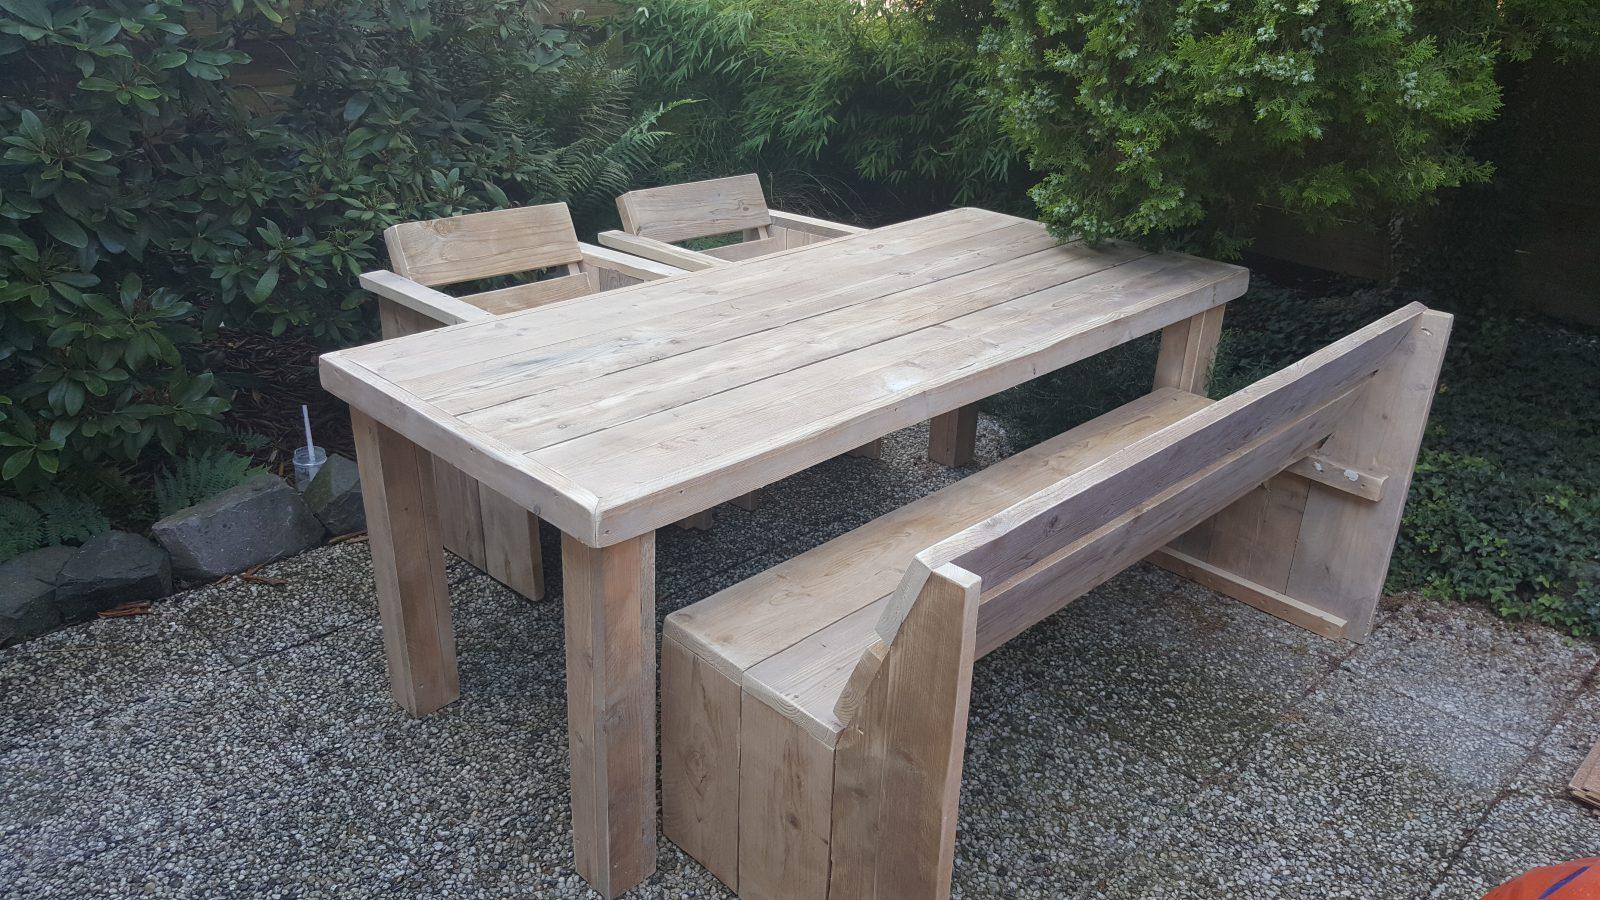 rbhoutwerk steigerhout tafel stoelen en bank